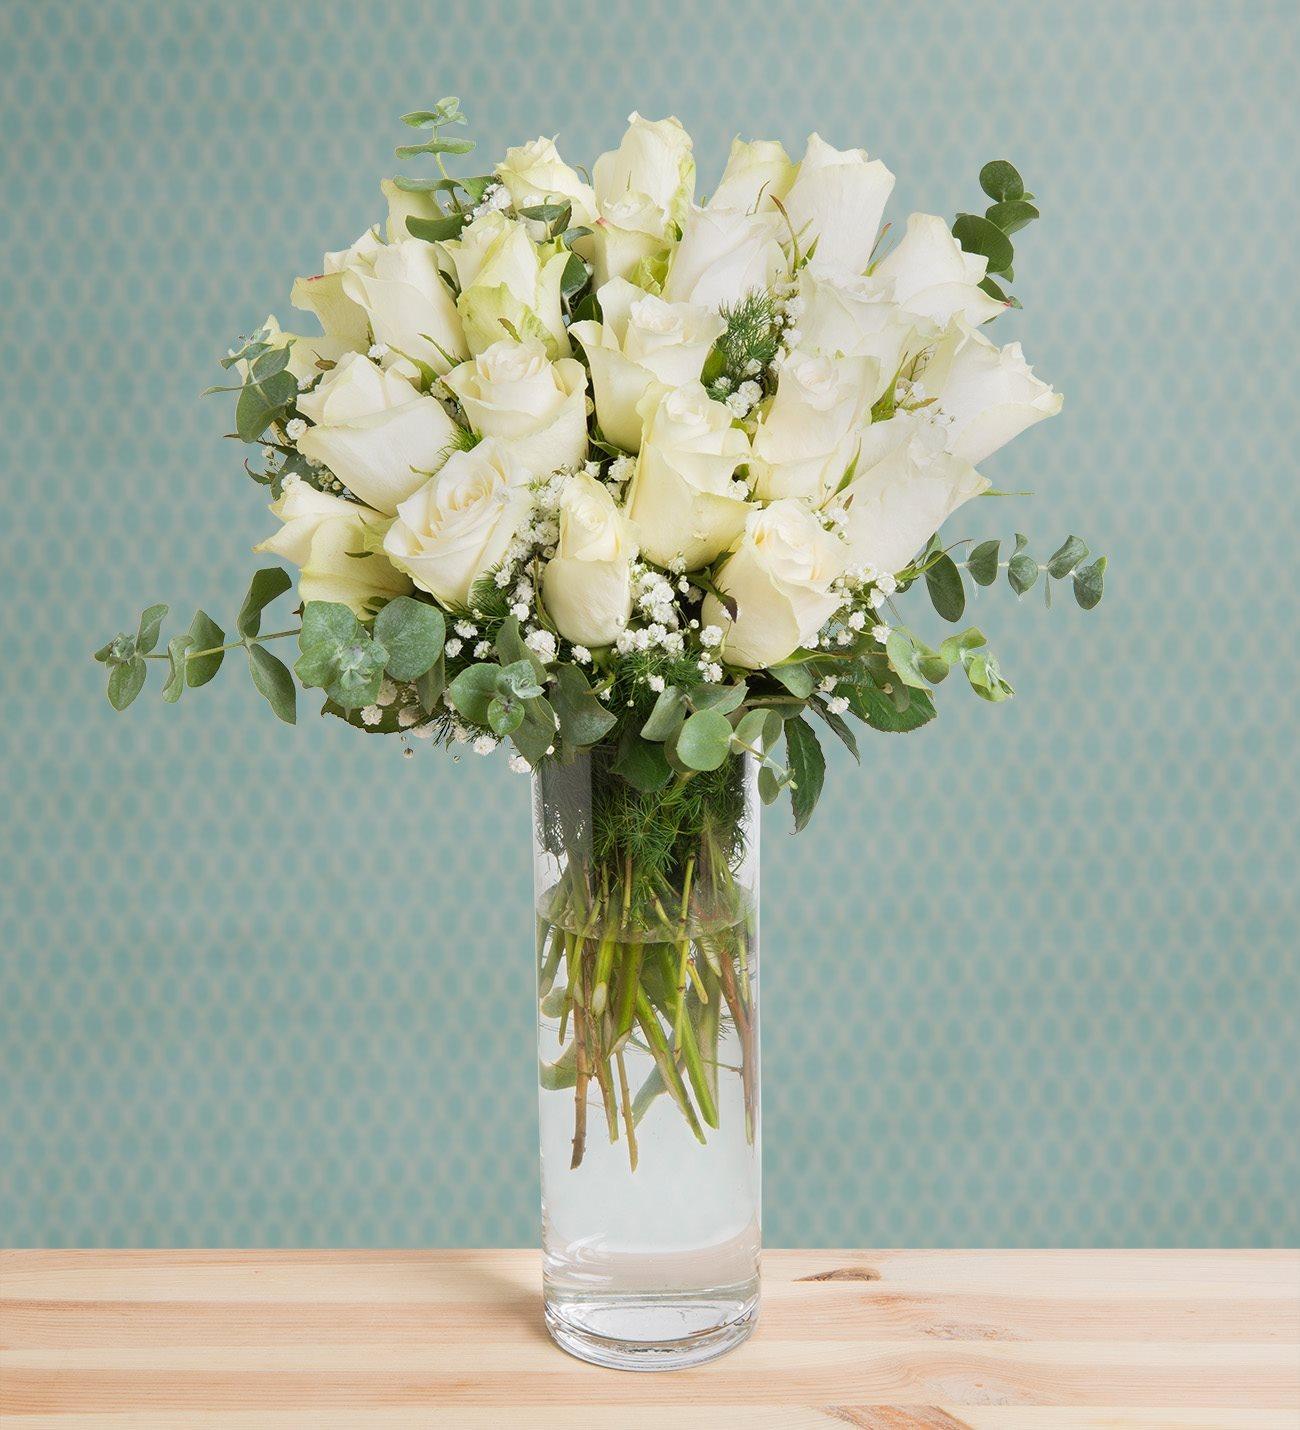 24 White Roses Snow White